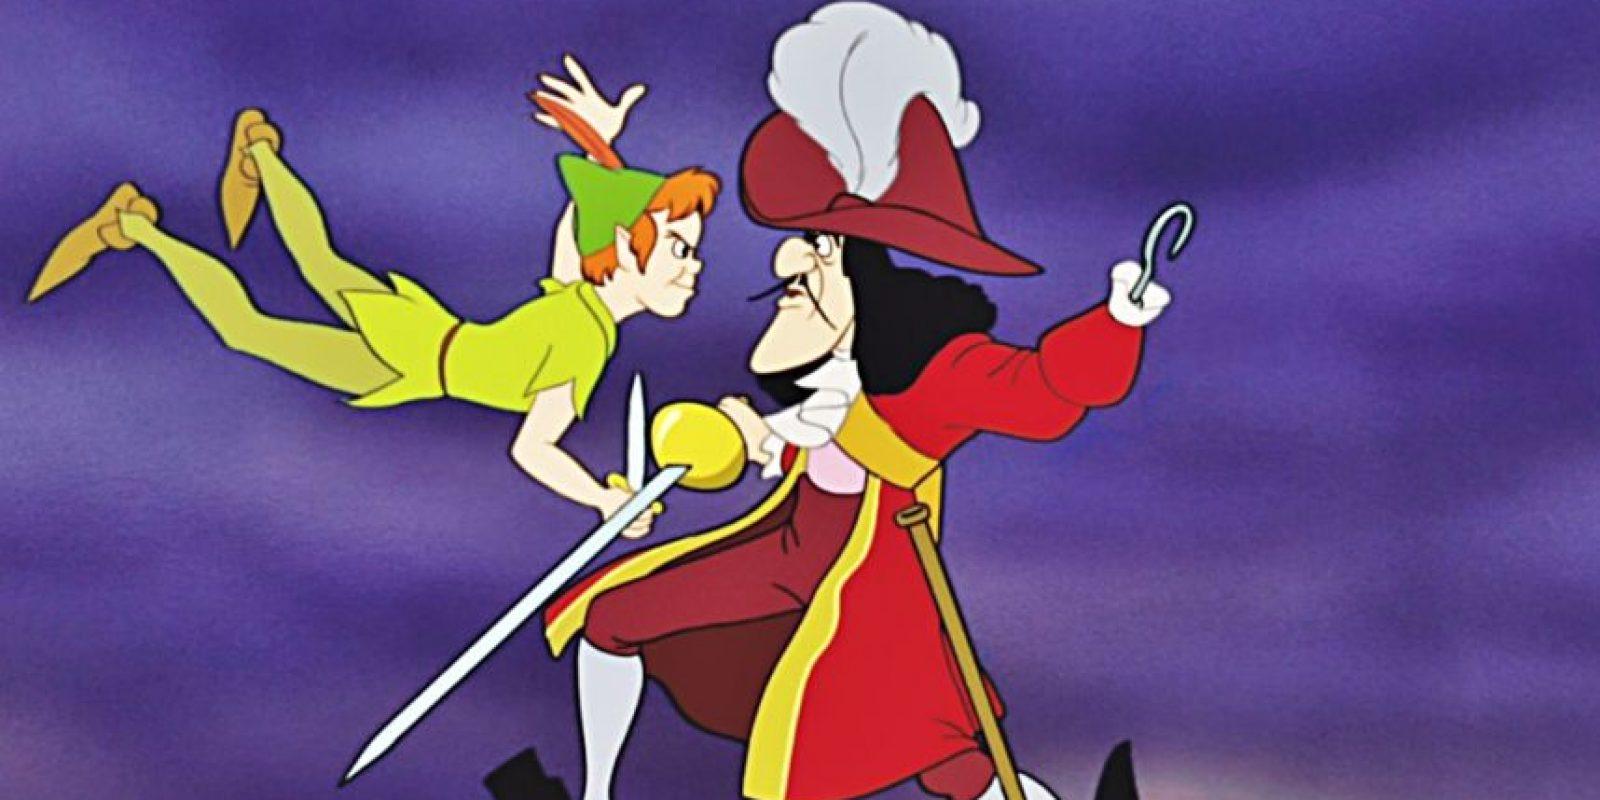 """""""El Capitán Garfio"""" es el villano de """"Peter Pan"""" (1953) Foto:Disney"""